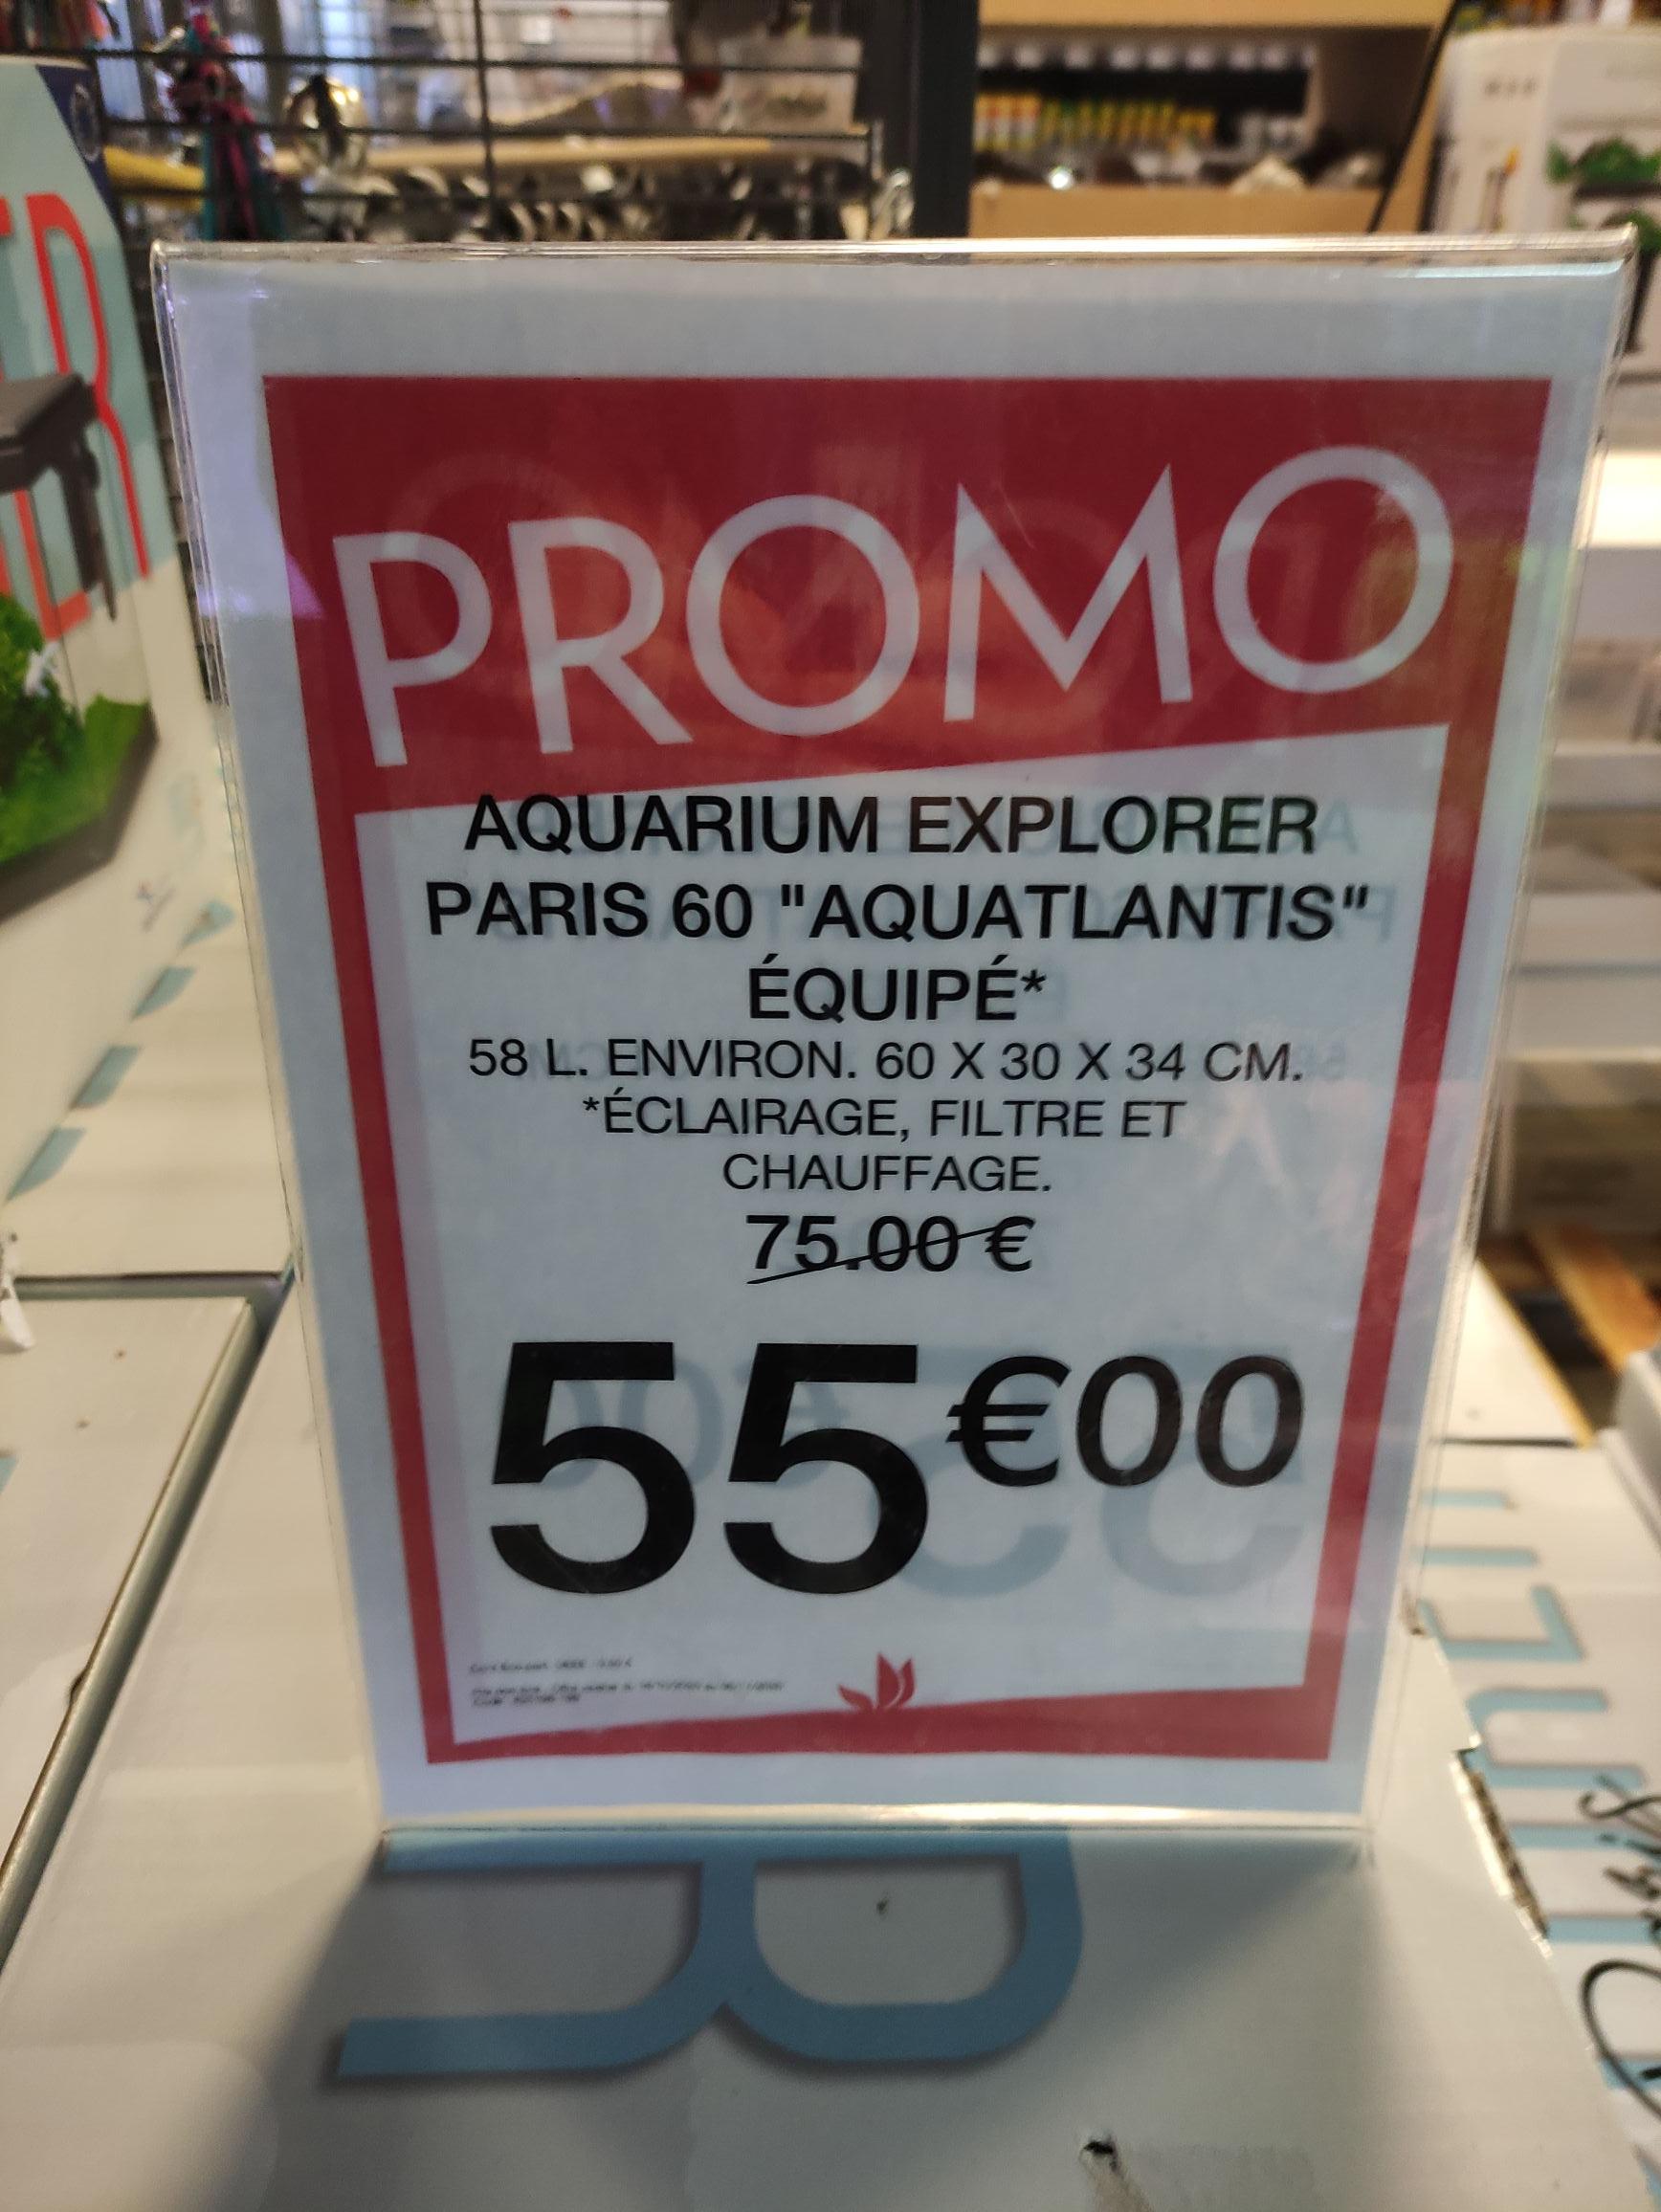 Aquarium aquatlantis Explorer Paris 60 - 58L, Truffaut Mauguio (34)